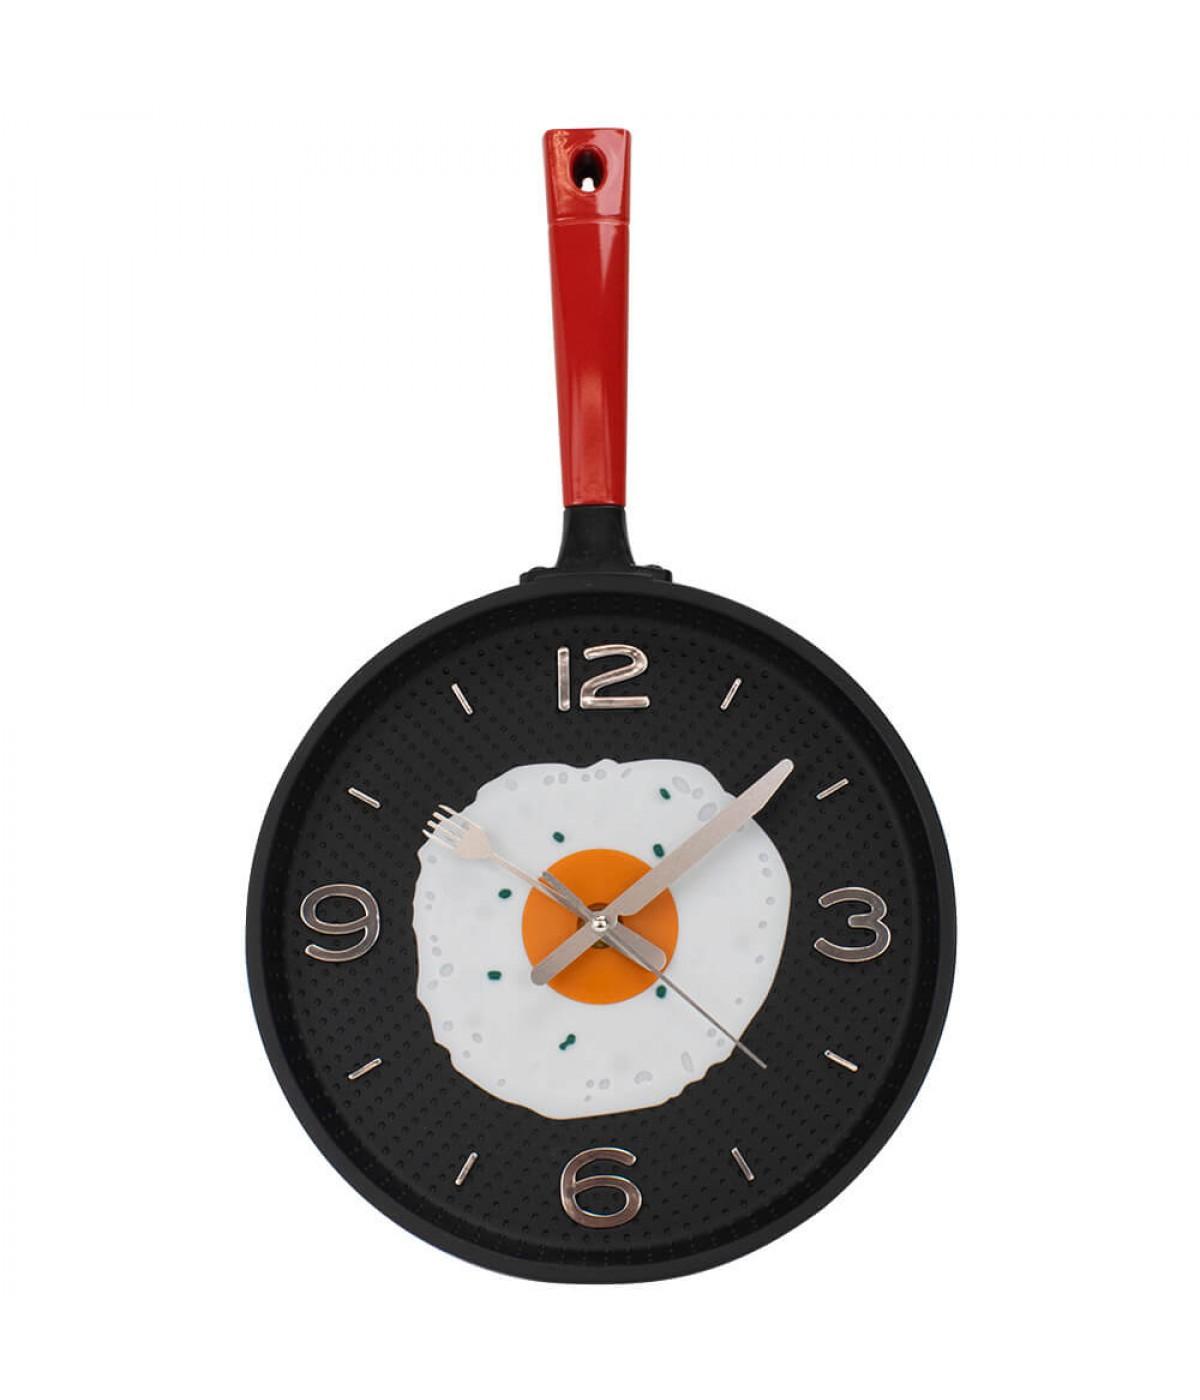 Relógio Parede Frigideira Vermelha 43.5x25cm